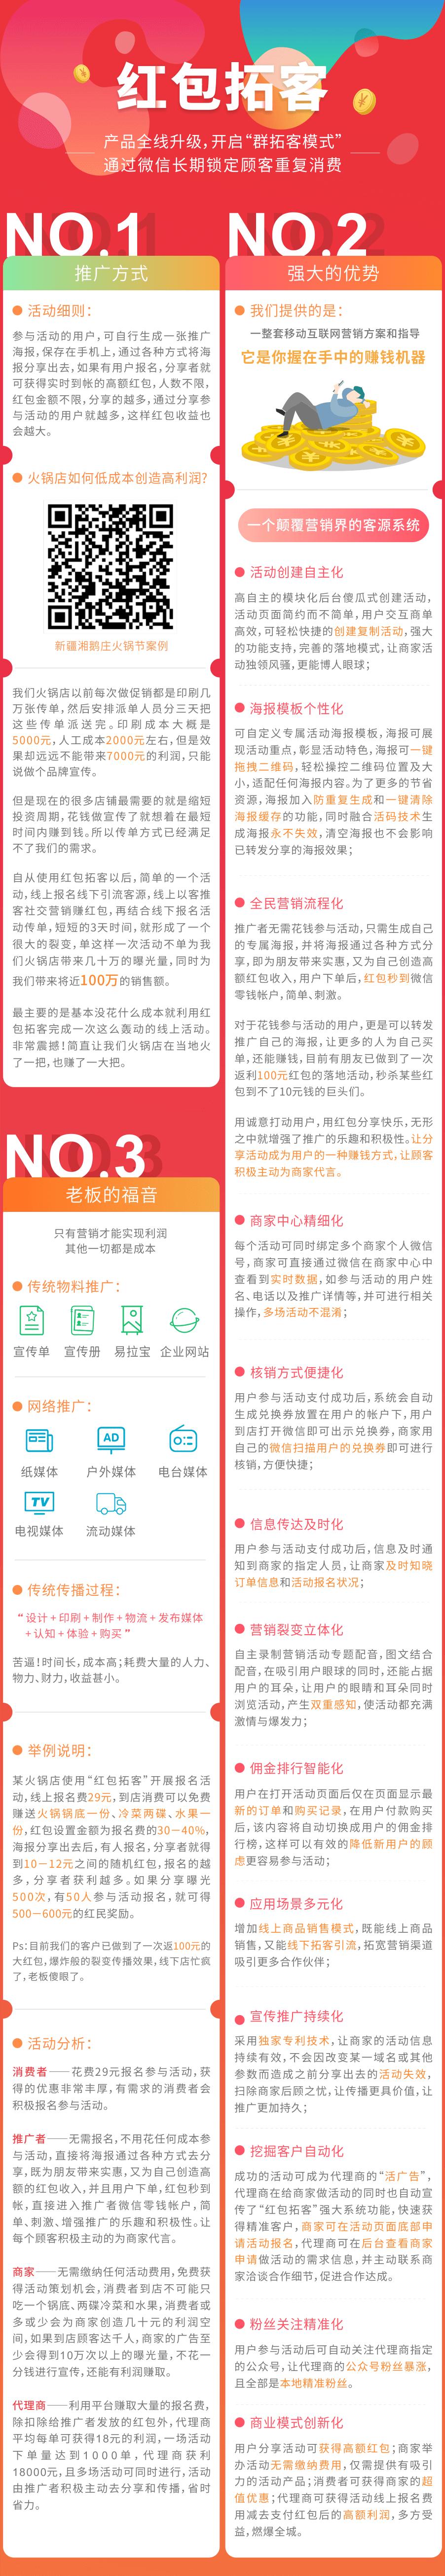 红包拓客V12.8.0_含全插件